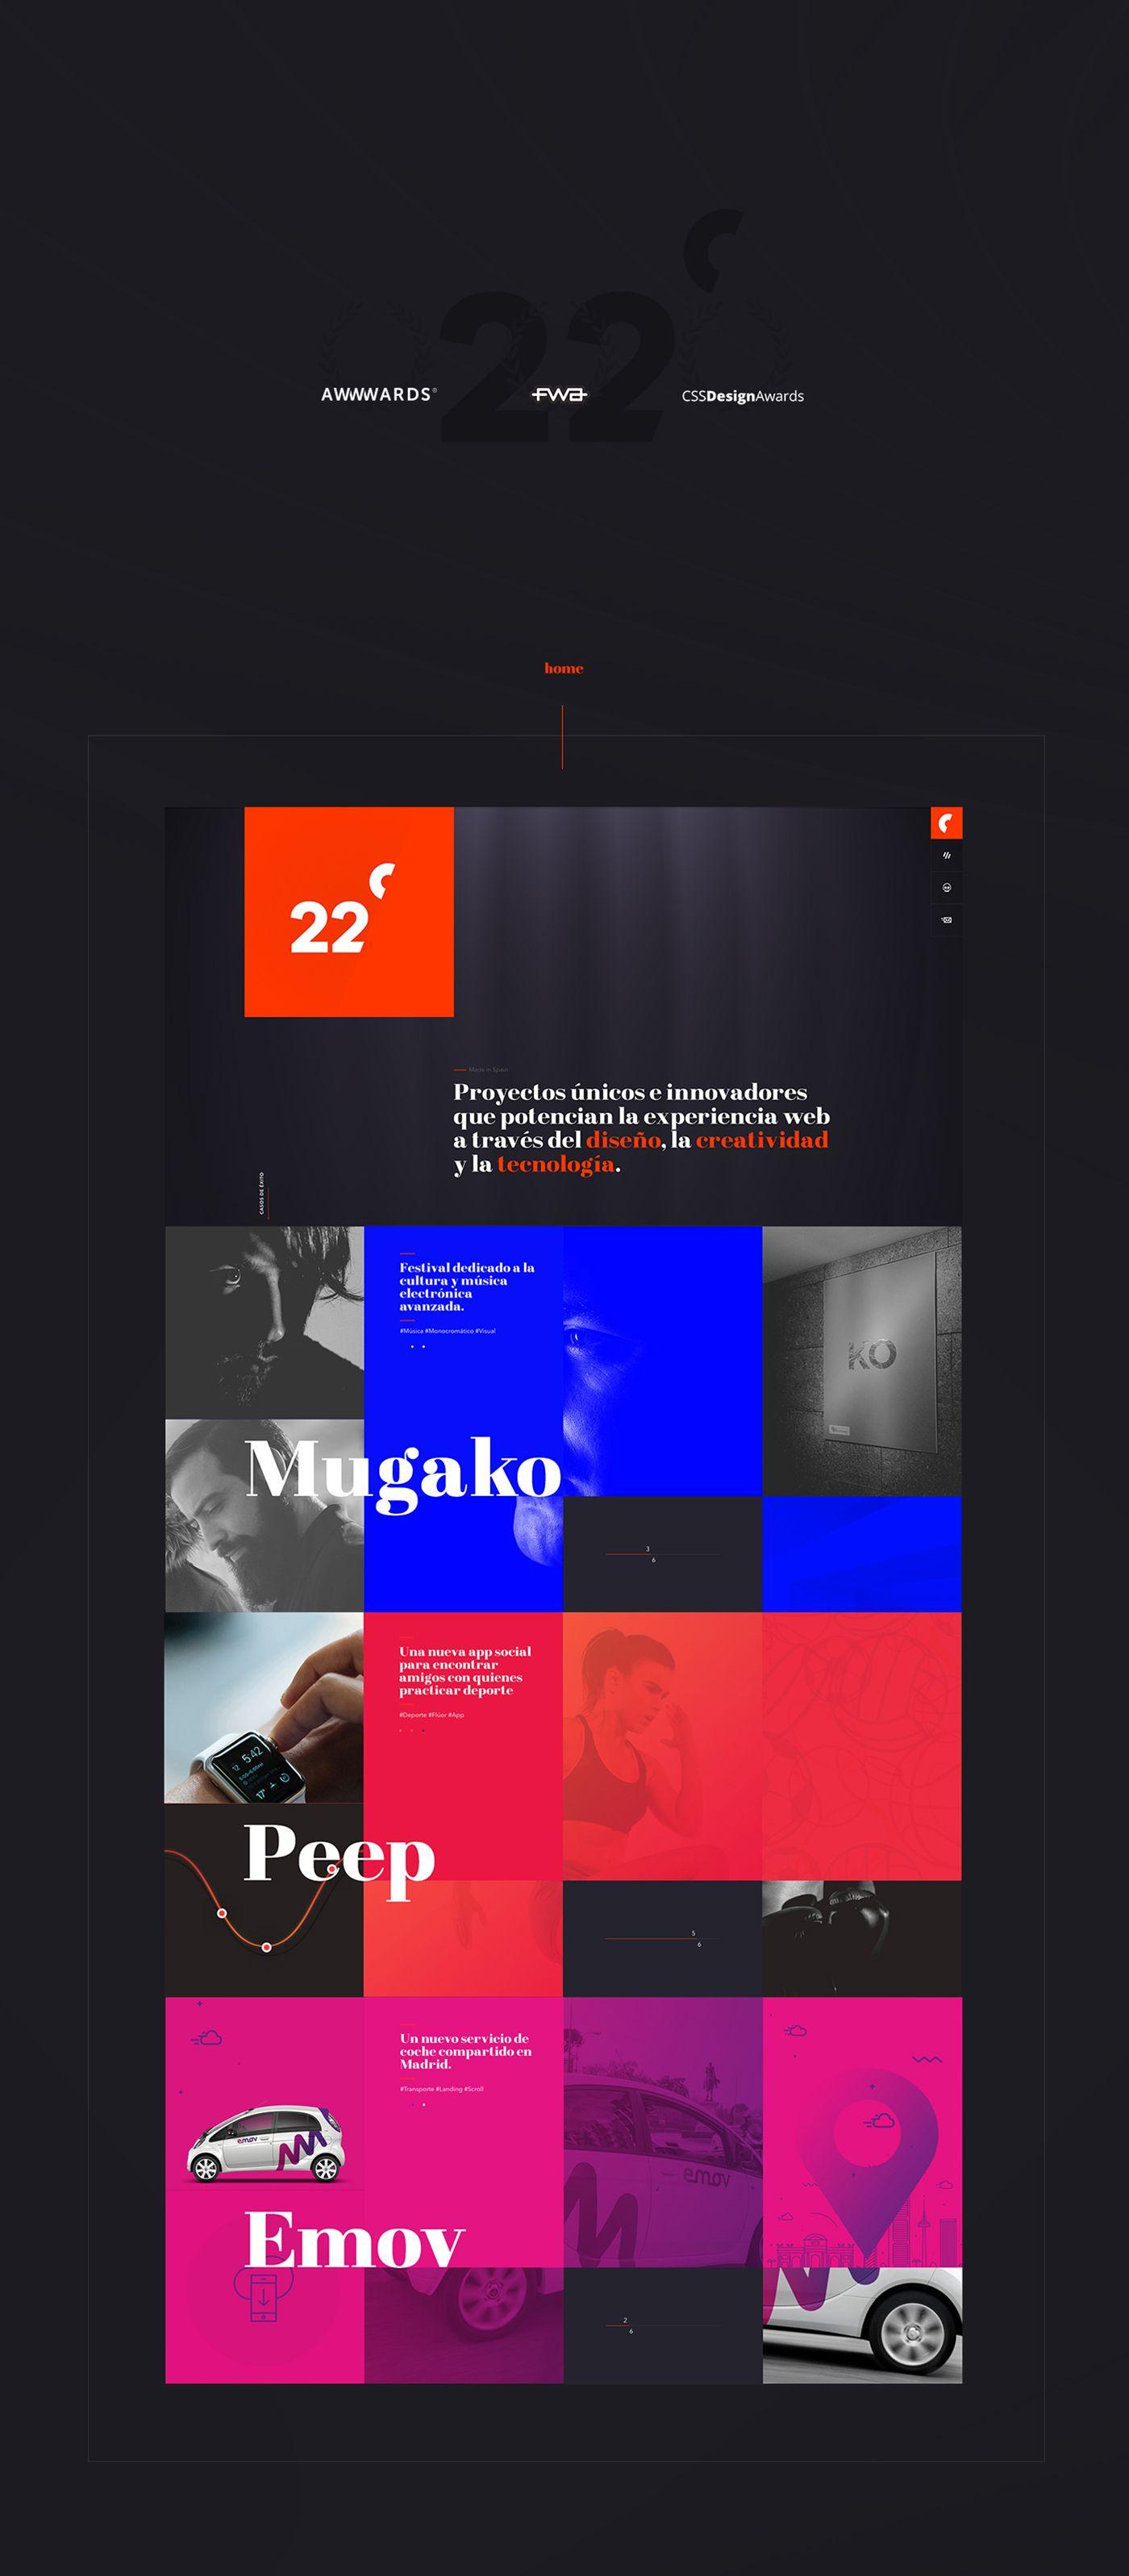 Portfolio Of The Study Web Design And Creativity Veintidos Grados